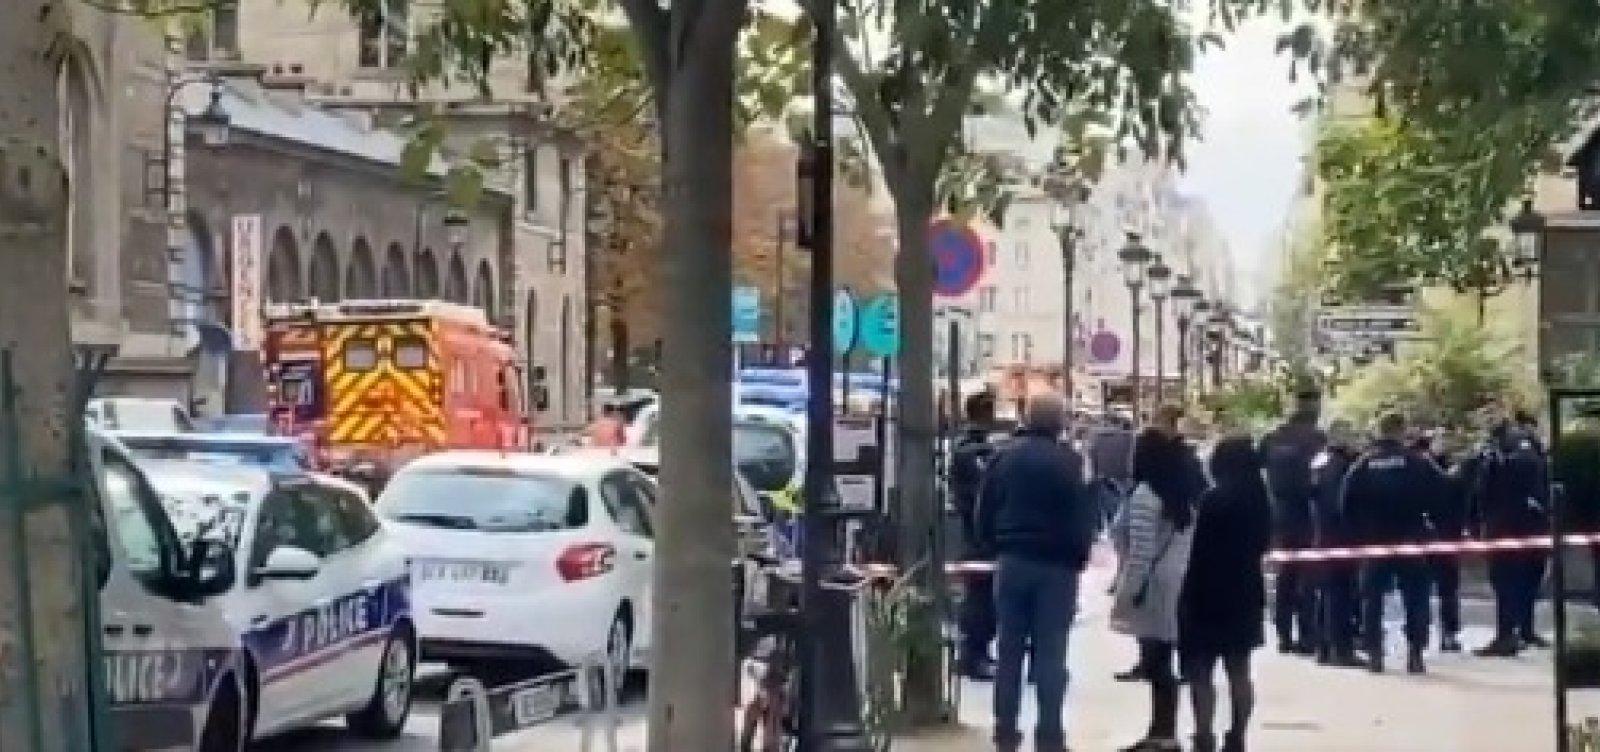 [Homem com faca ataca quartel de Paris e mata policial]